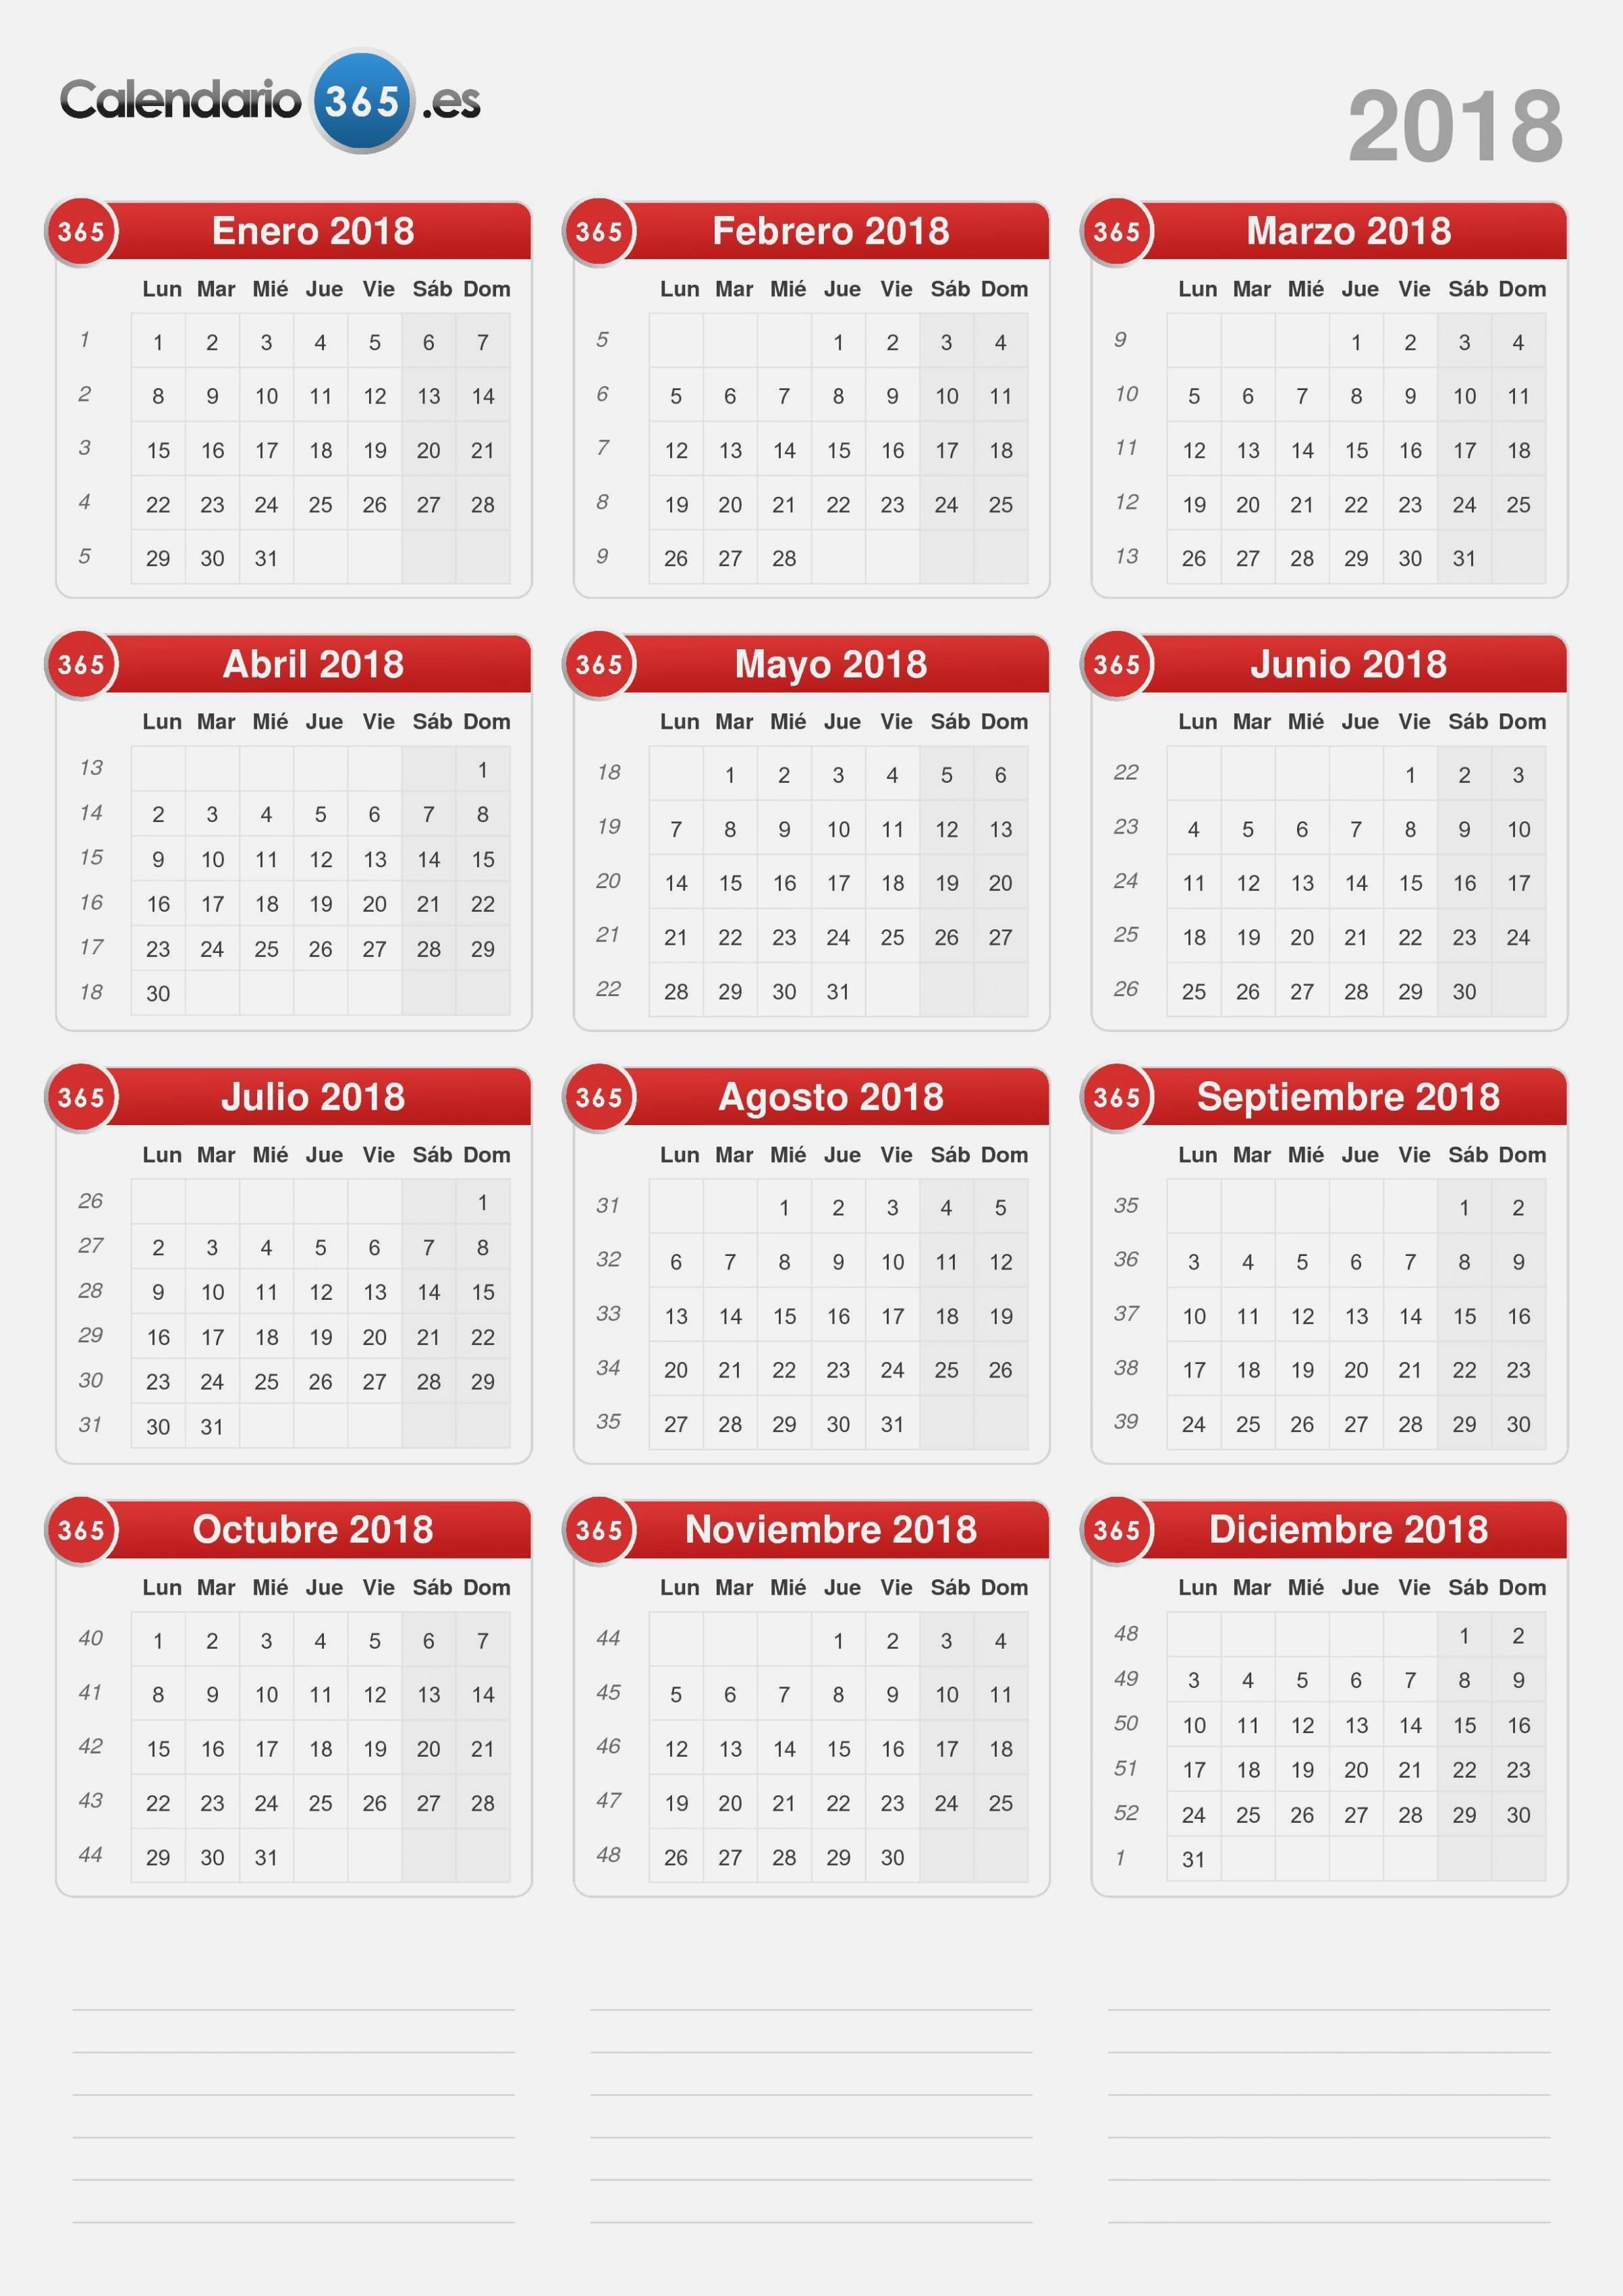 Calendario 2019 Bonito Para Imprimir Recientes La Verdad sobre El Calendario 52 Meses Vista Está A Punto De Ser Of Calendario 2019 Bonito Para Imprimir Más Recientes Vuelta Al Cole 2017 100 Plantillas Y Horarios Gratis Para Imprimir